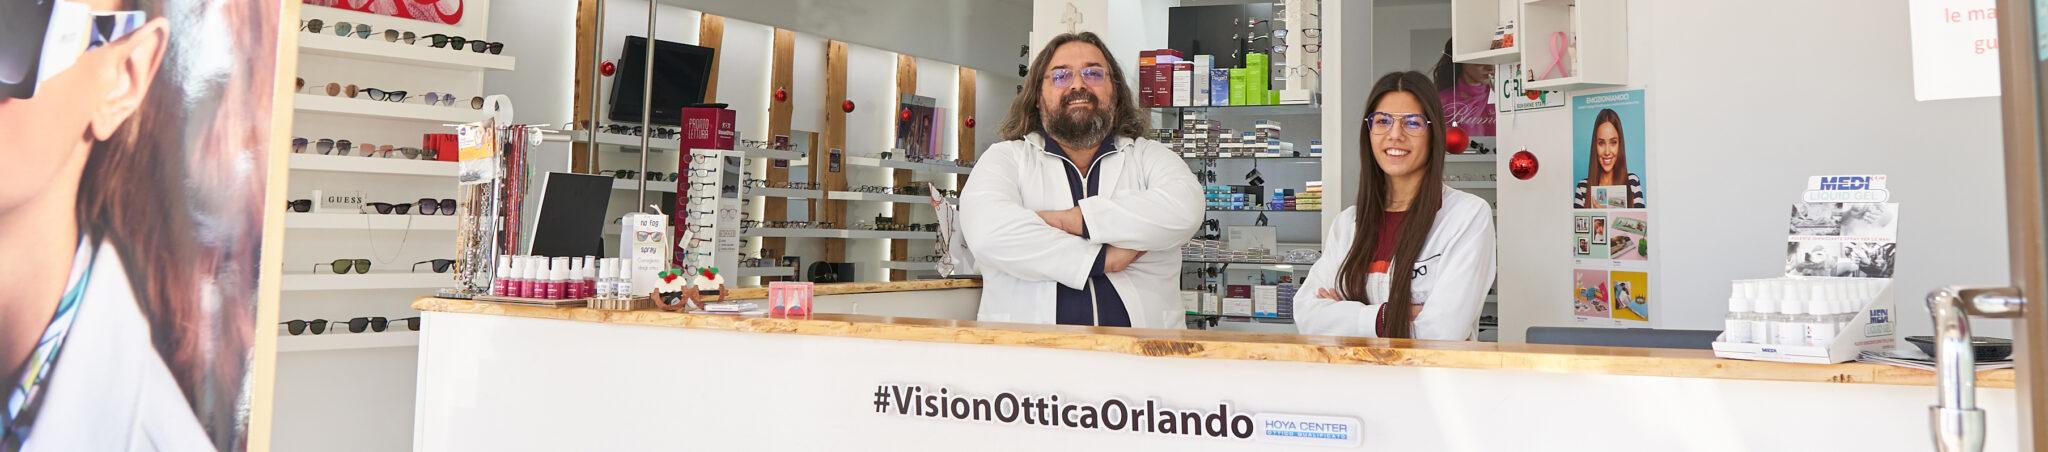 foto corporate ottica visionottica orlando